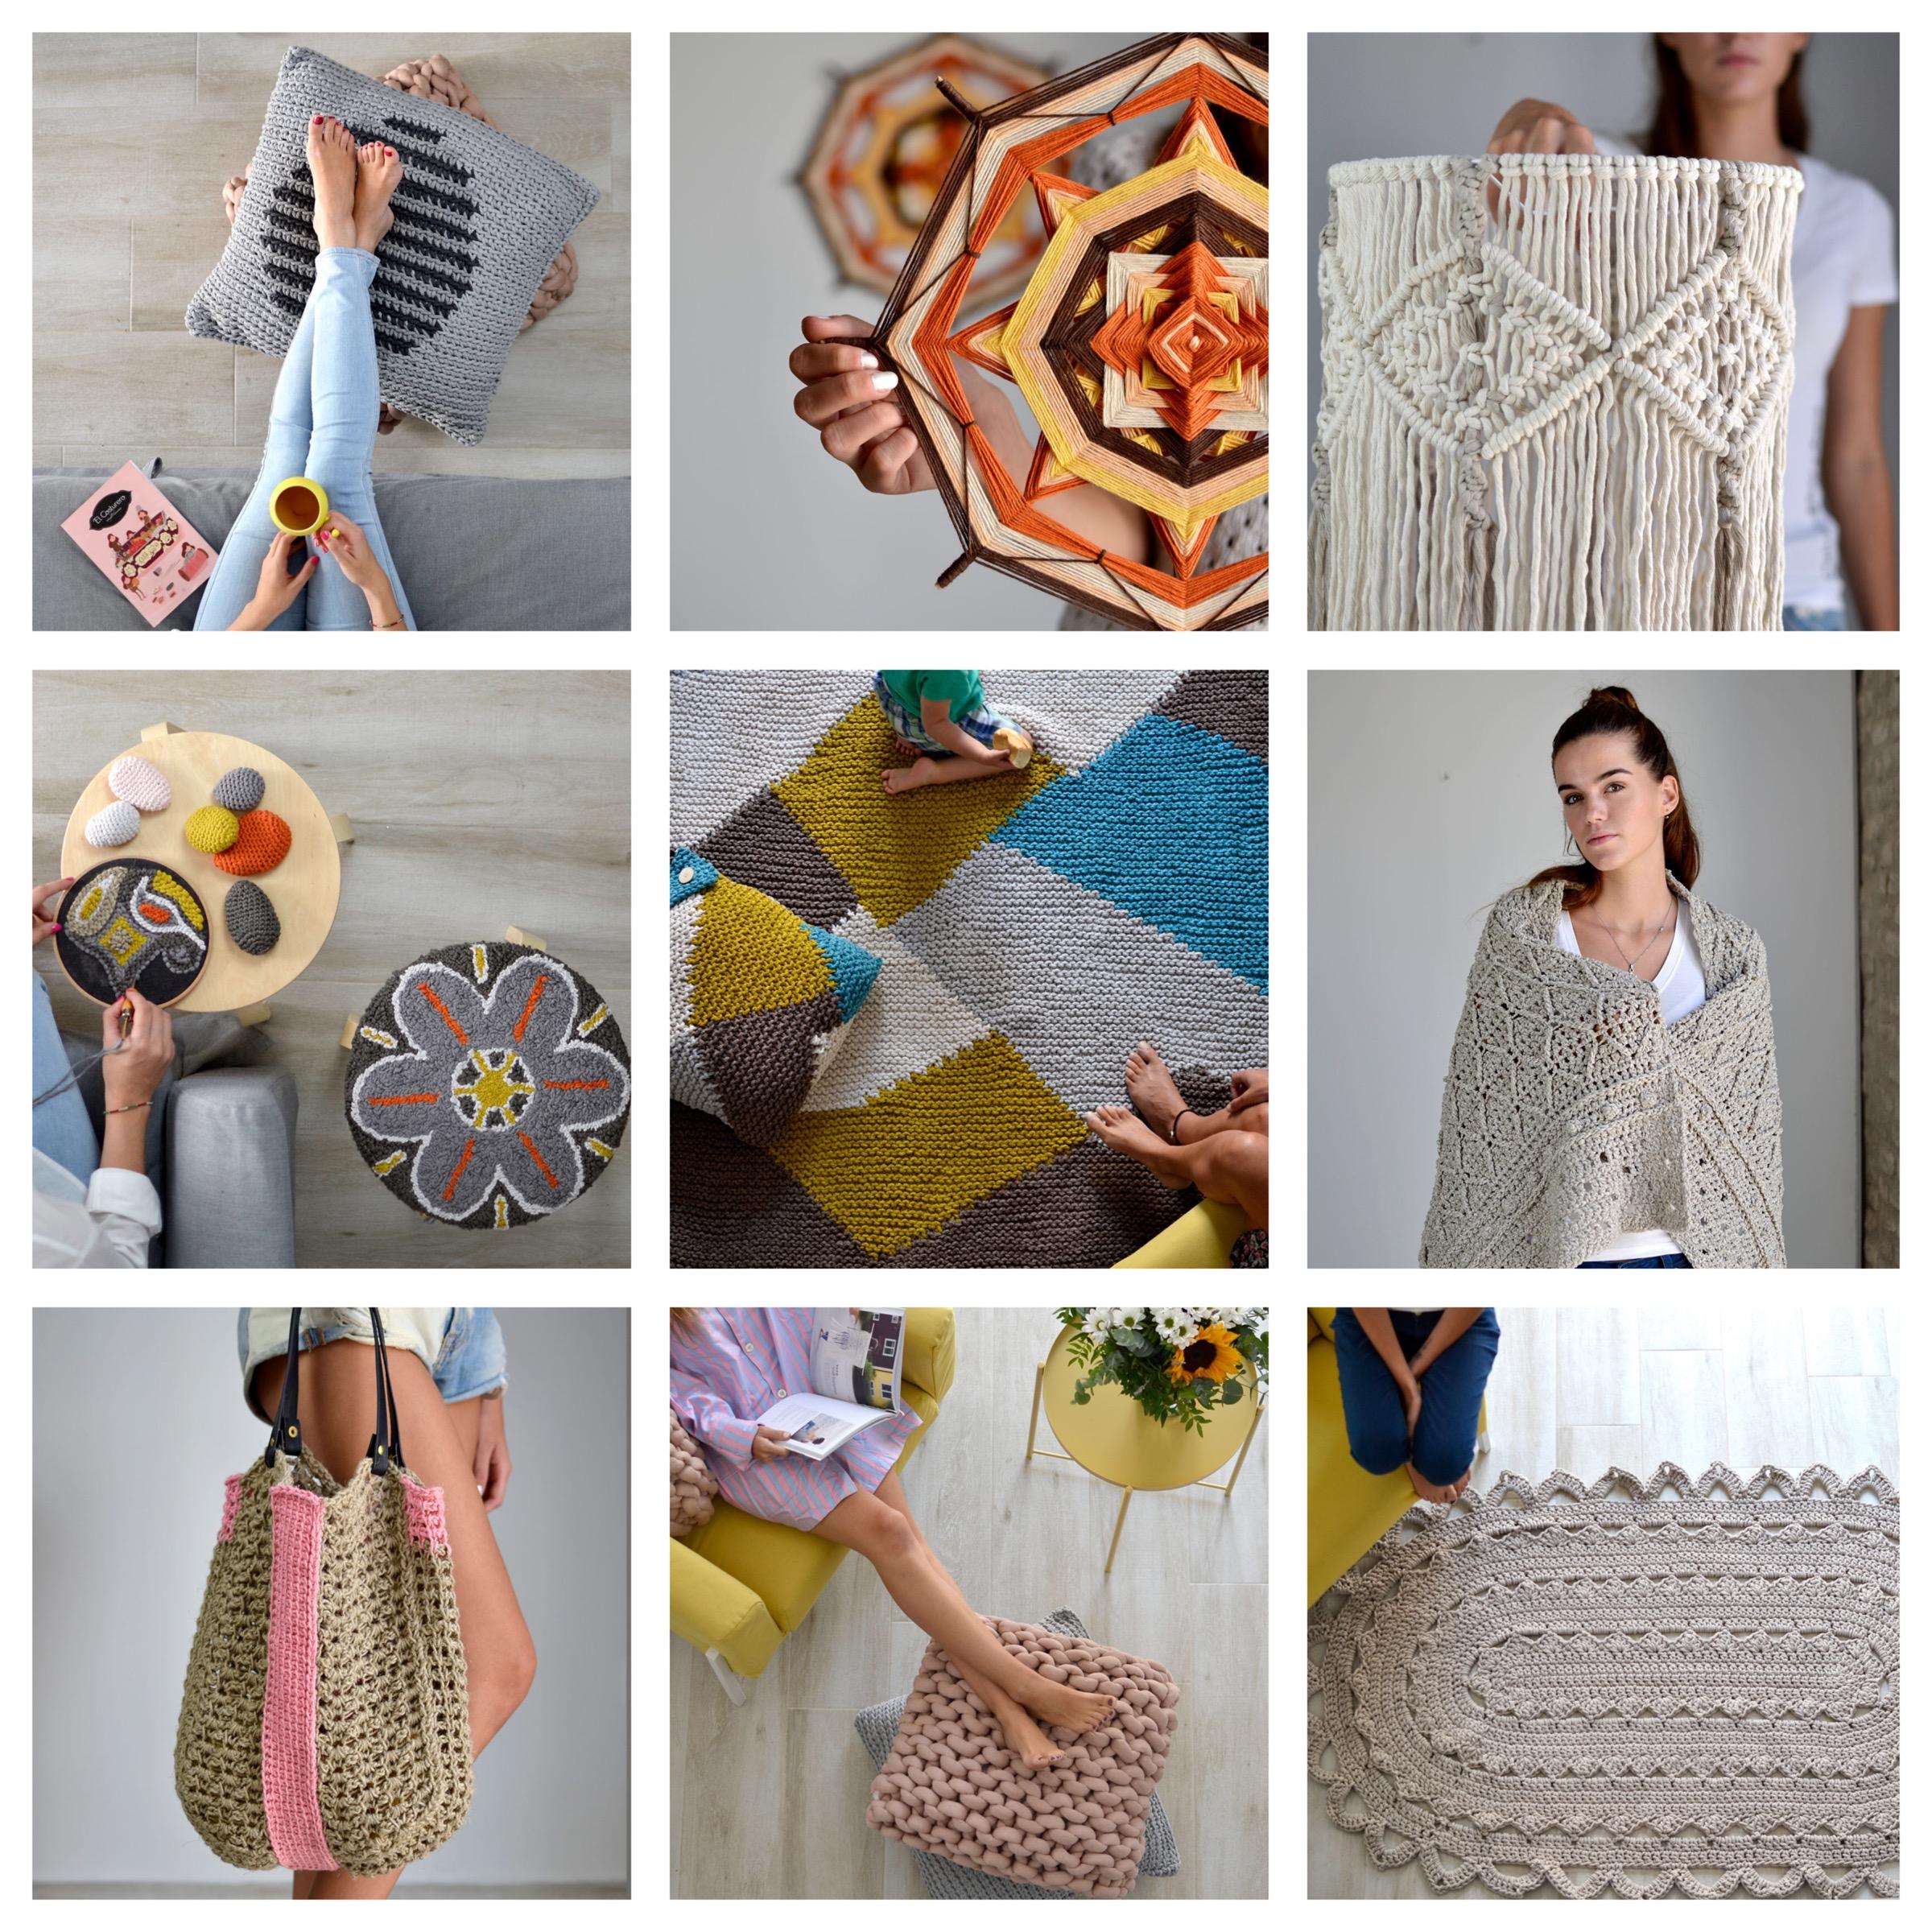 De 9 técnicas diferentes… - Punto, crochet, amigurumi, macramé, tapiz, tunecino, punch needle, y arm knitting.